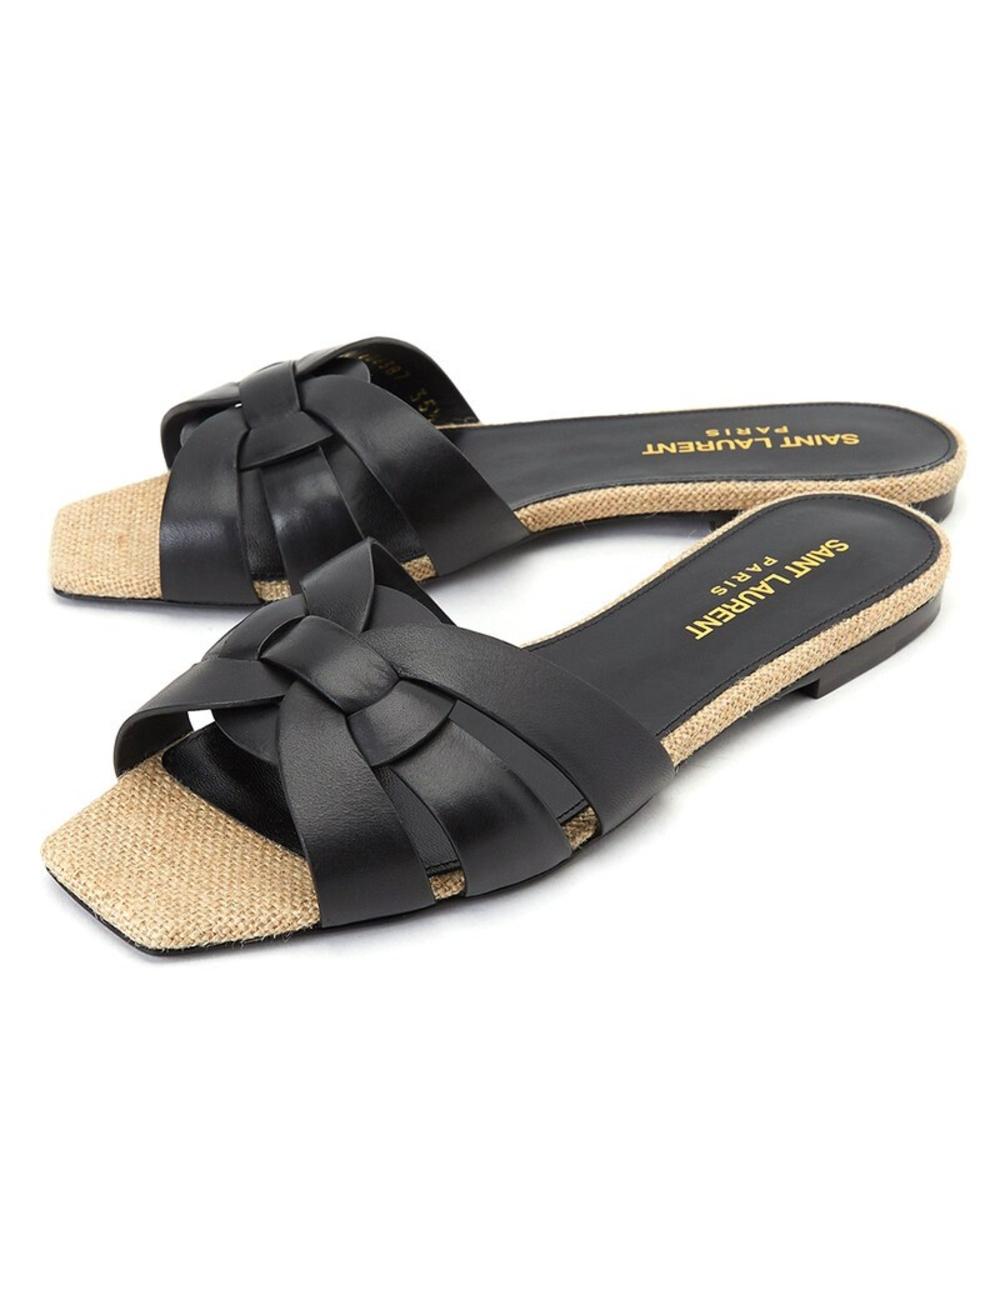 聖羅蘭拖鞋 類別:女性>鞋>涼鞋/拖鞋>拖鞋 年份:假 顏色代碼(RGB代碼):#181718 性別:女性